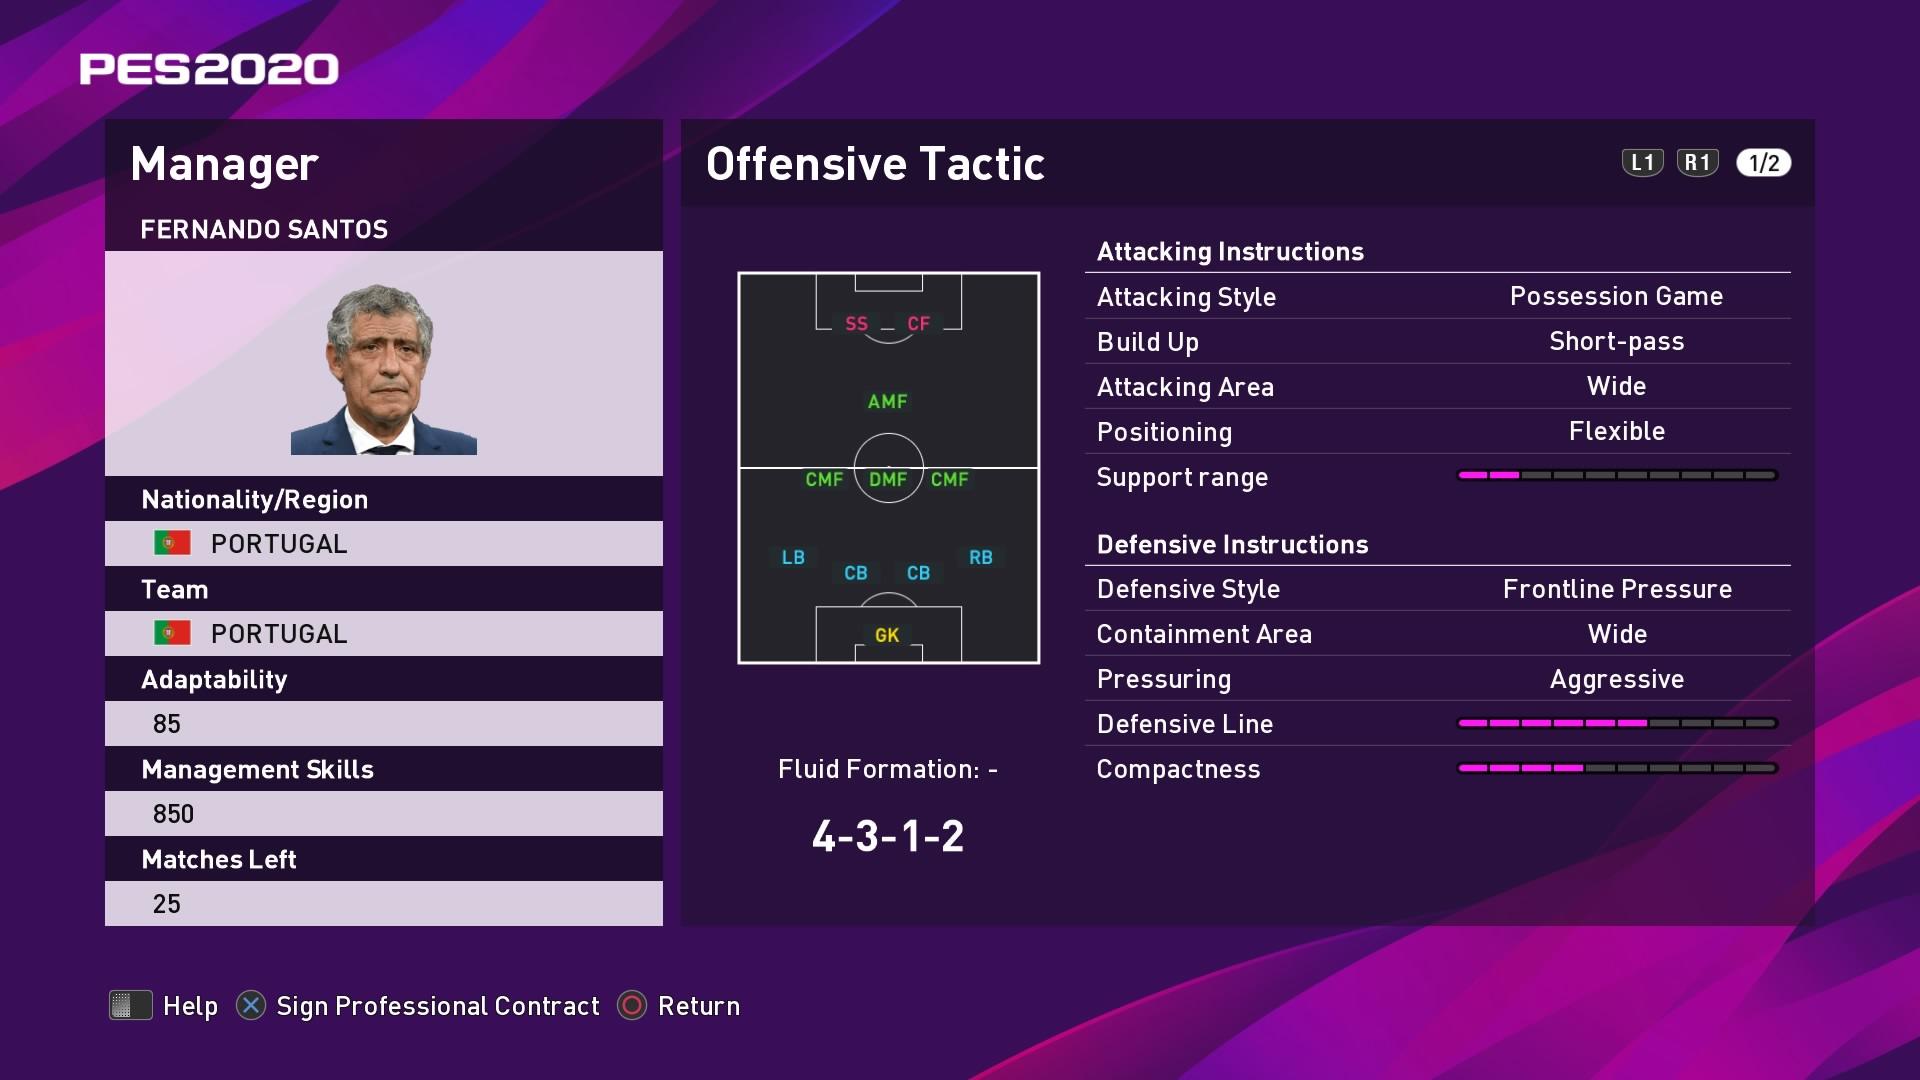 Fernando Santos (2) Offensive Tactic in PES 2020 myClub